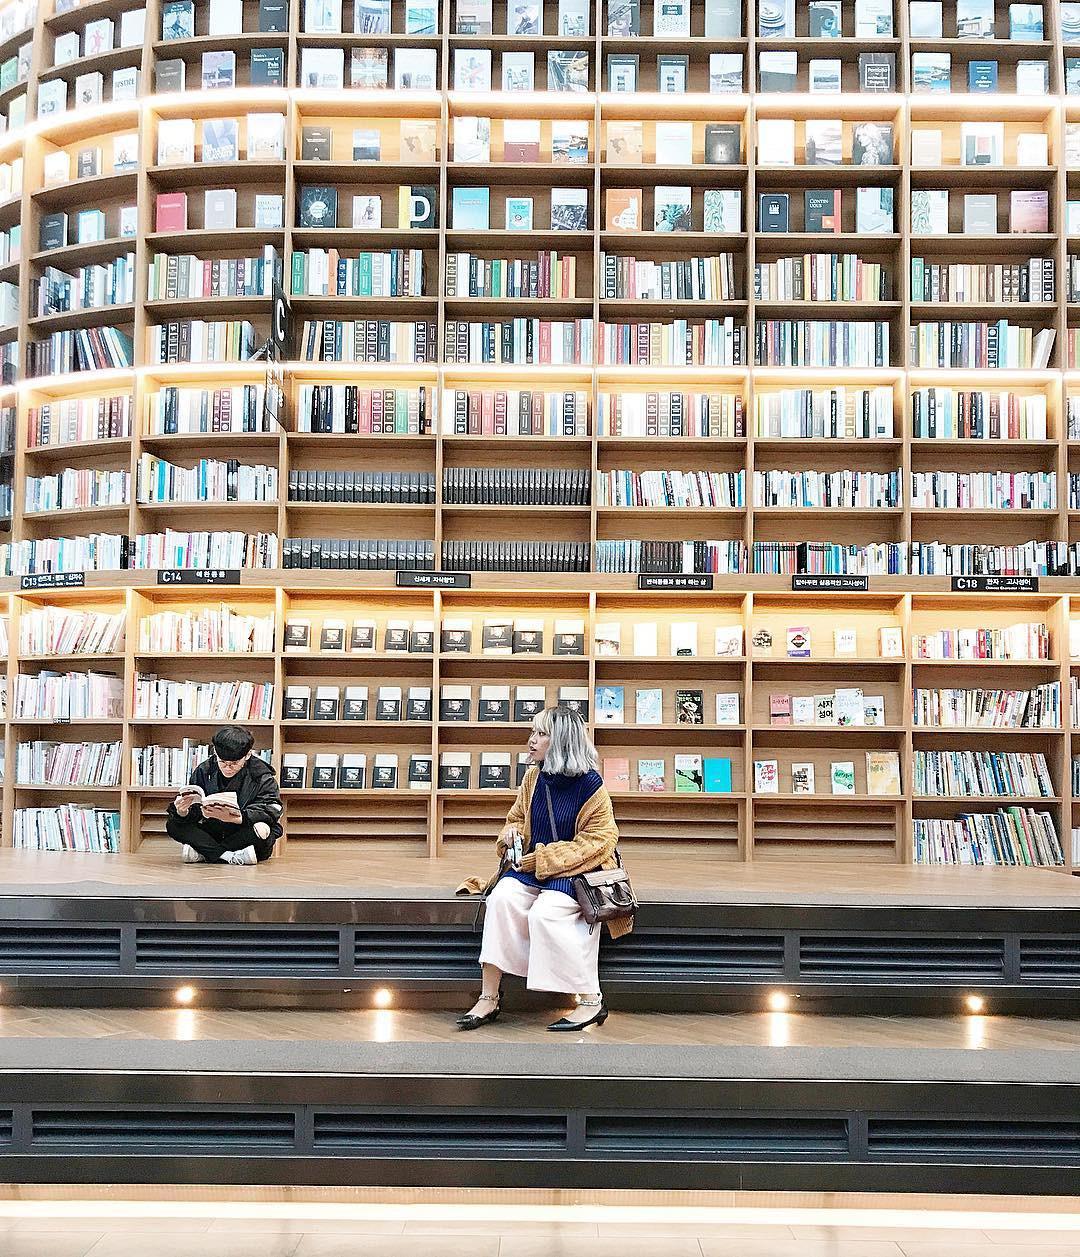 Thư viện khổng lồ nằm ở tận Seoul nhưng bạn trẻ Việt Nam nào đến đây cũng phải check-in cho bằng được! - Ảnh 14.